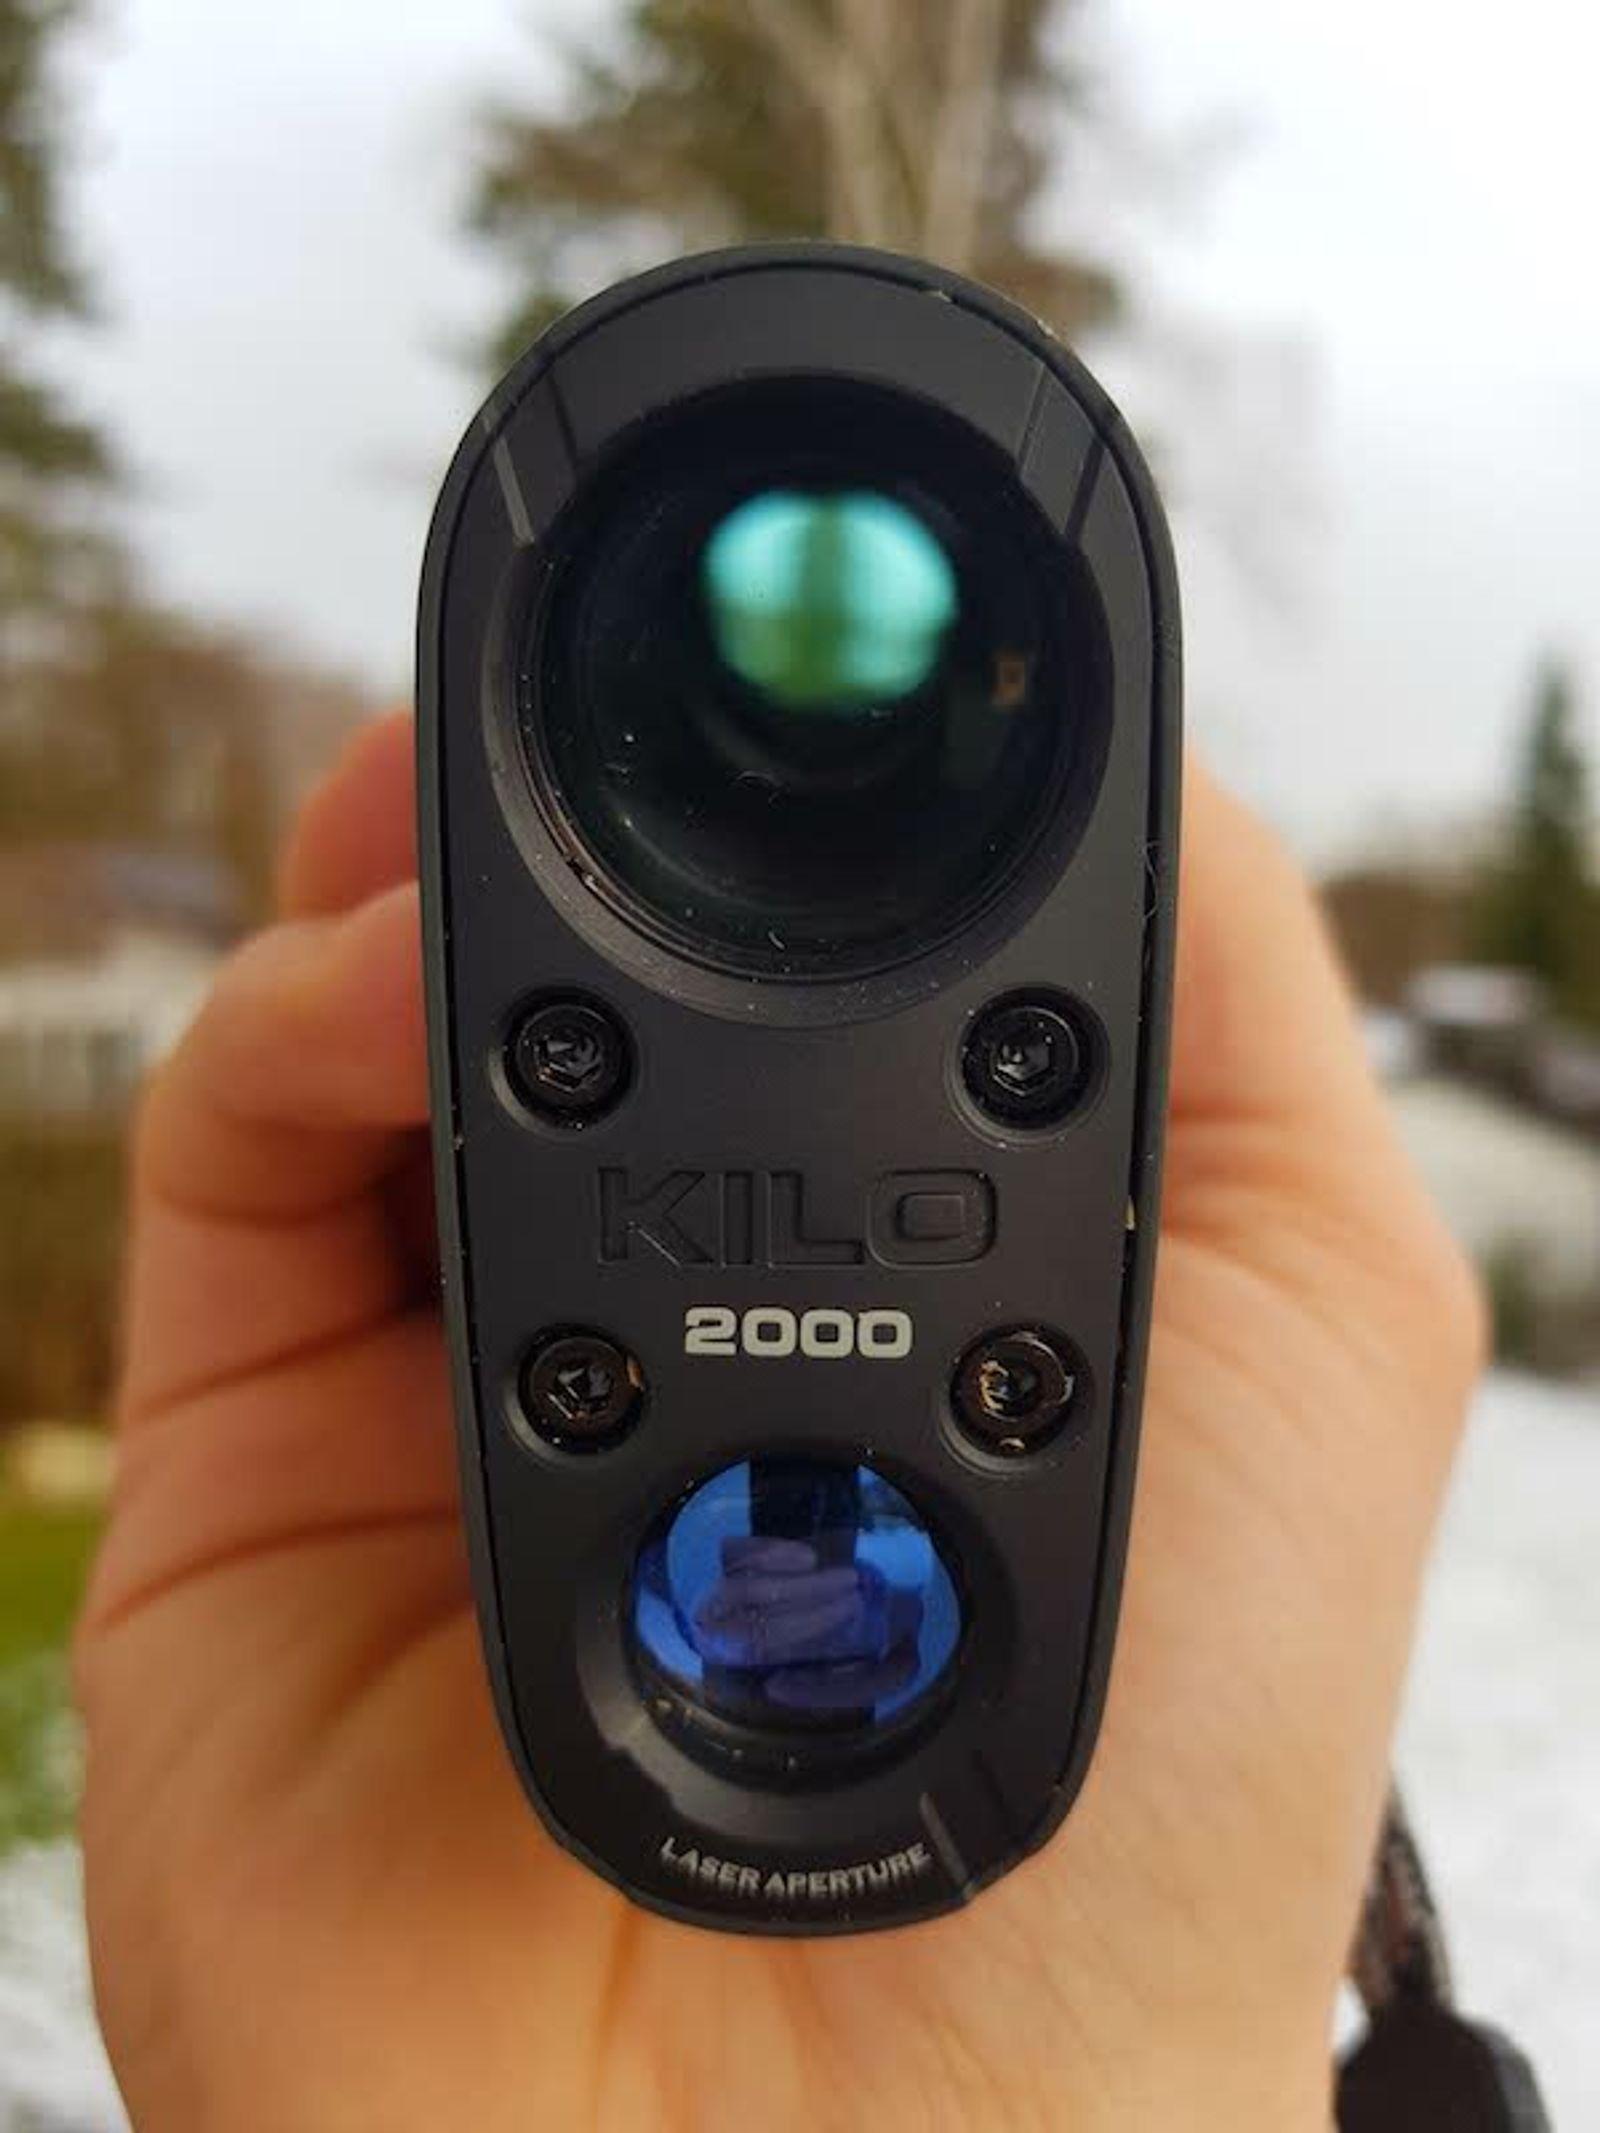 Laserentfernungsmesser (Rangefinder) Sig Sauer Kilo2000